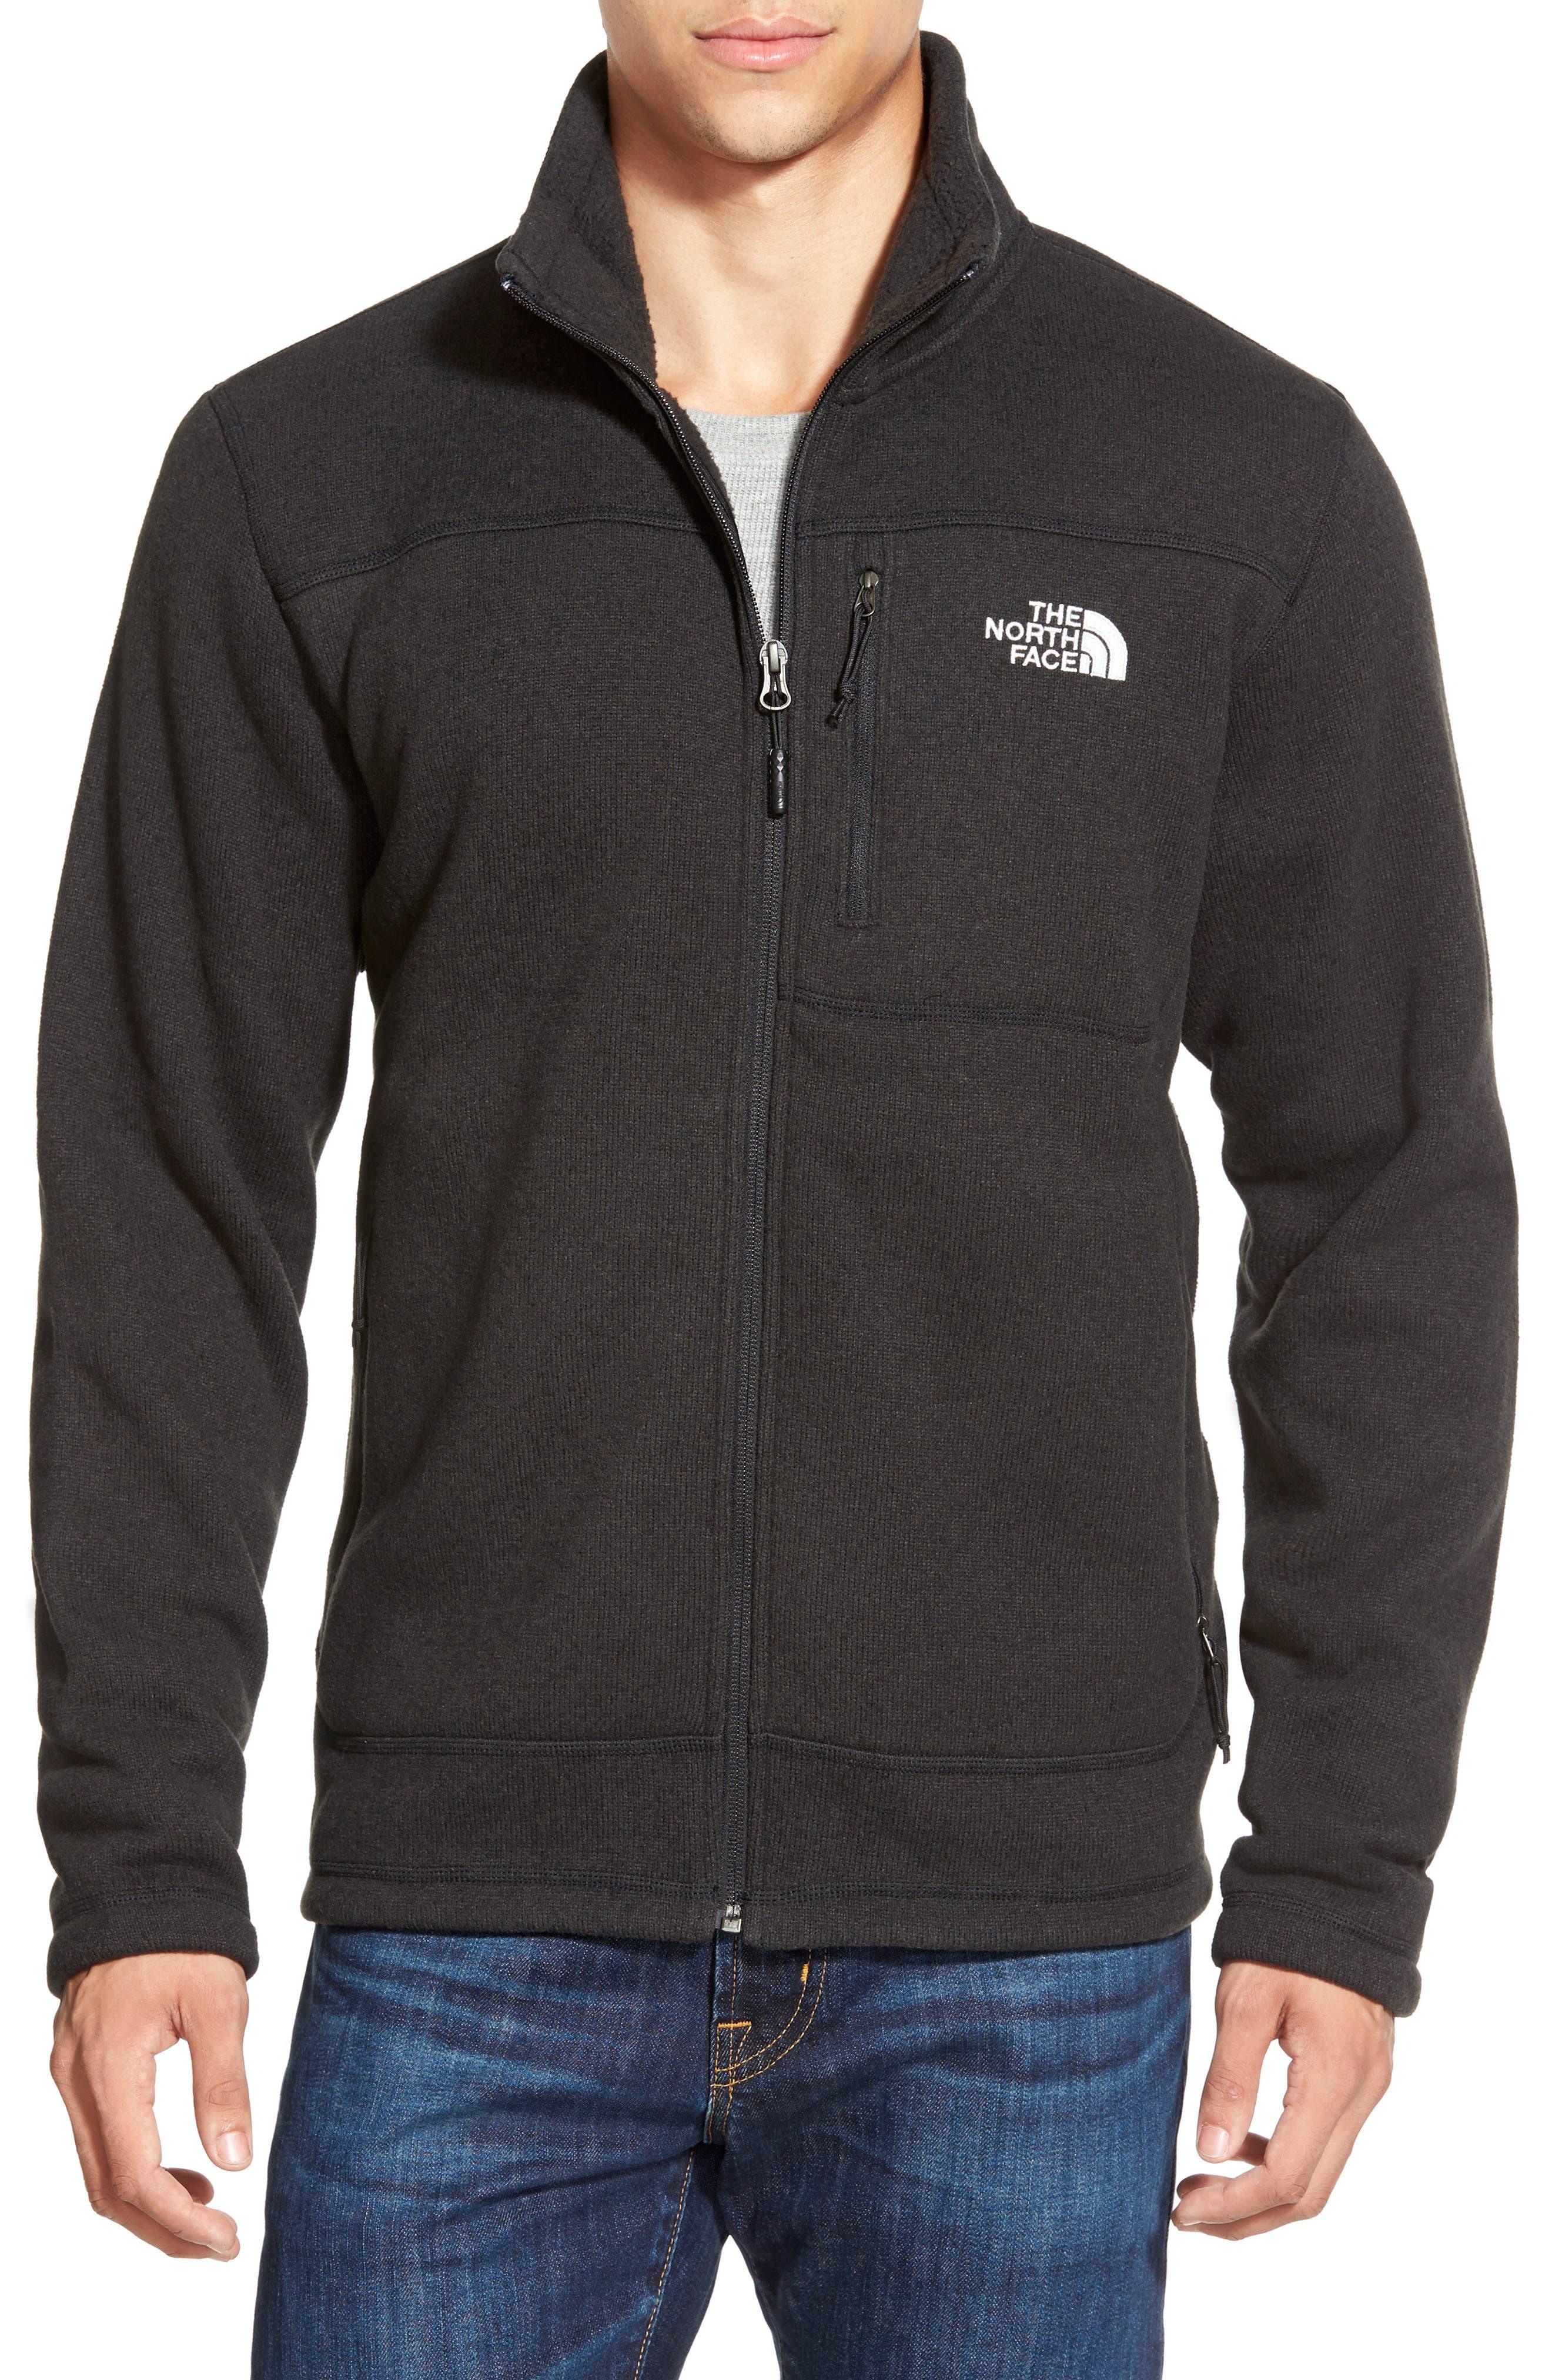 'Gordon Lyons' Zip Fleece Jacket,                             Alternate thumbnail 7, color,                             BLACK HEATHER